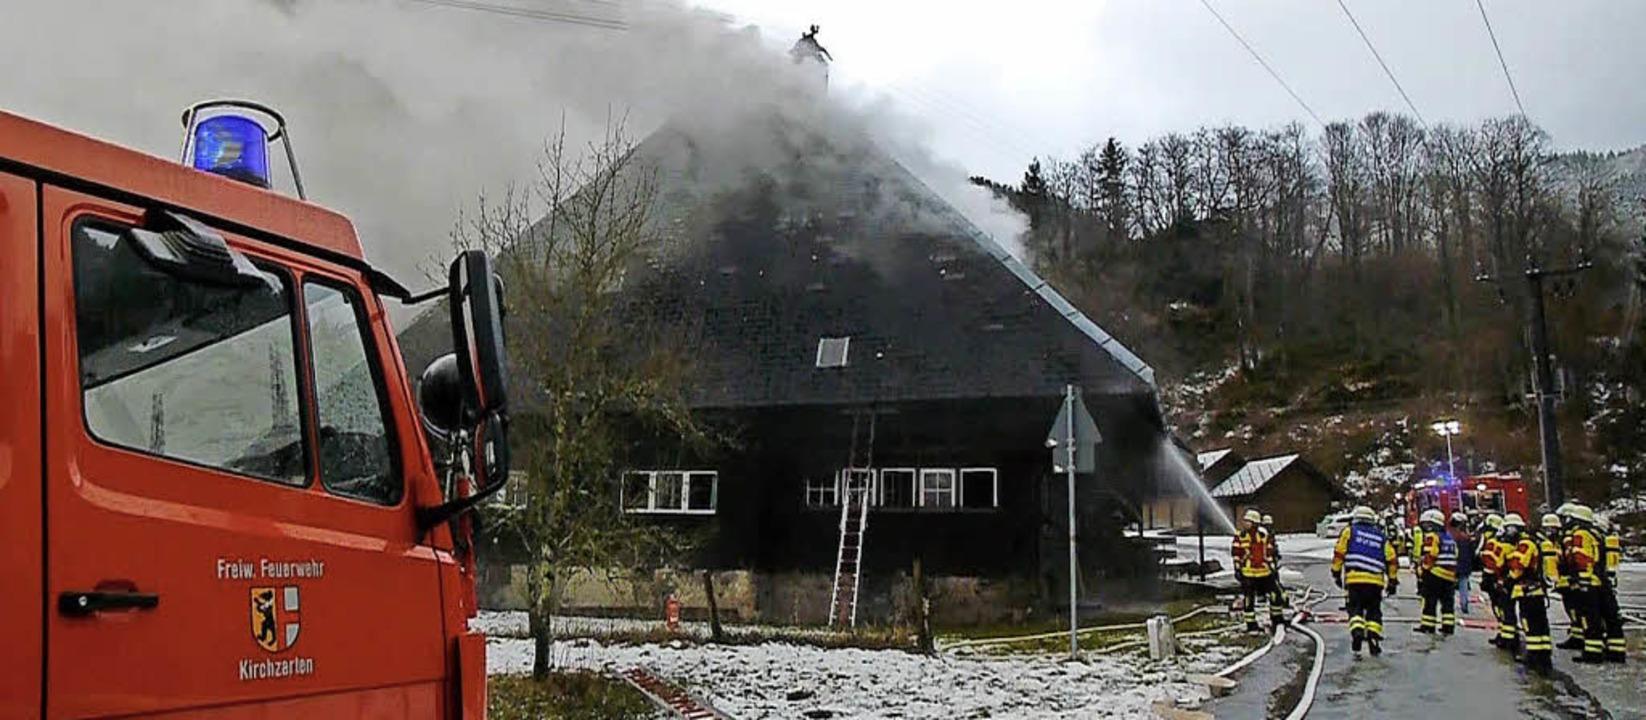 Wehrleute beim Löschen des Brands am O... war im Aufenthaltsraum ausgebrochen.   | Foto: Martin Ganz/Moritz Lehmann